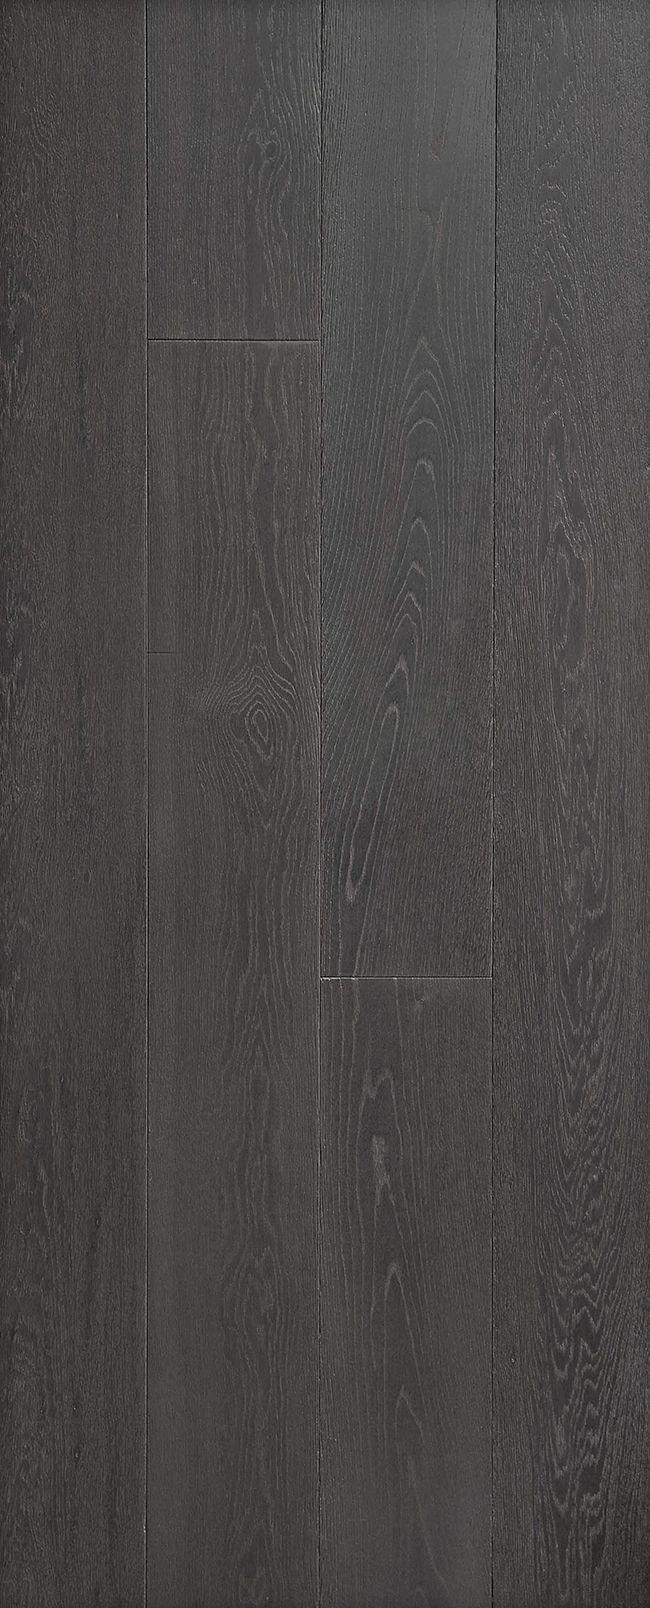 GREY TERMAL Engineered Oak